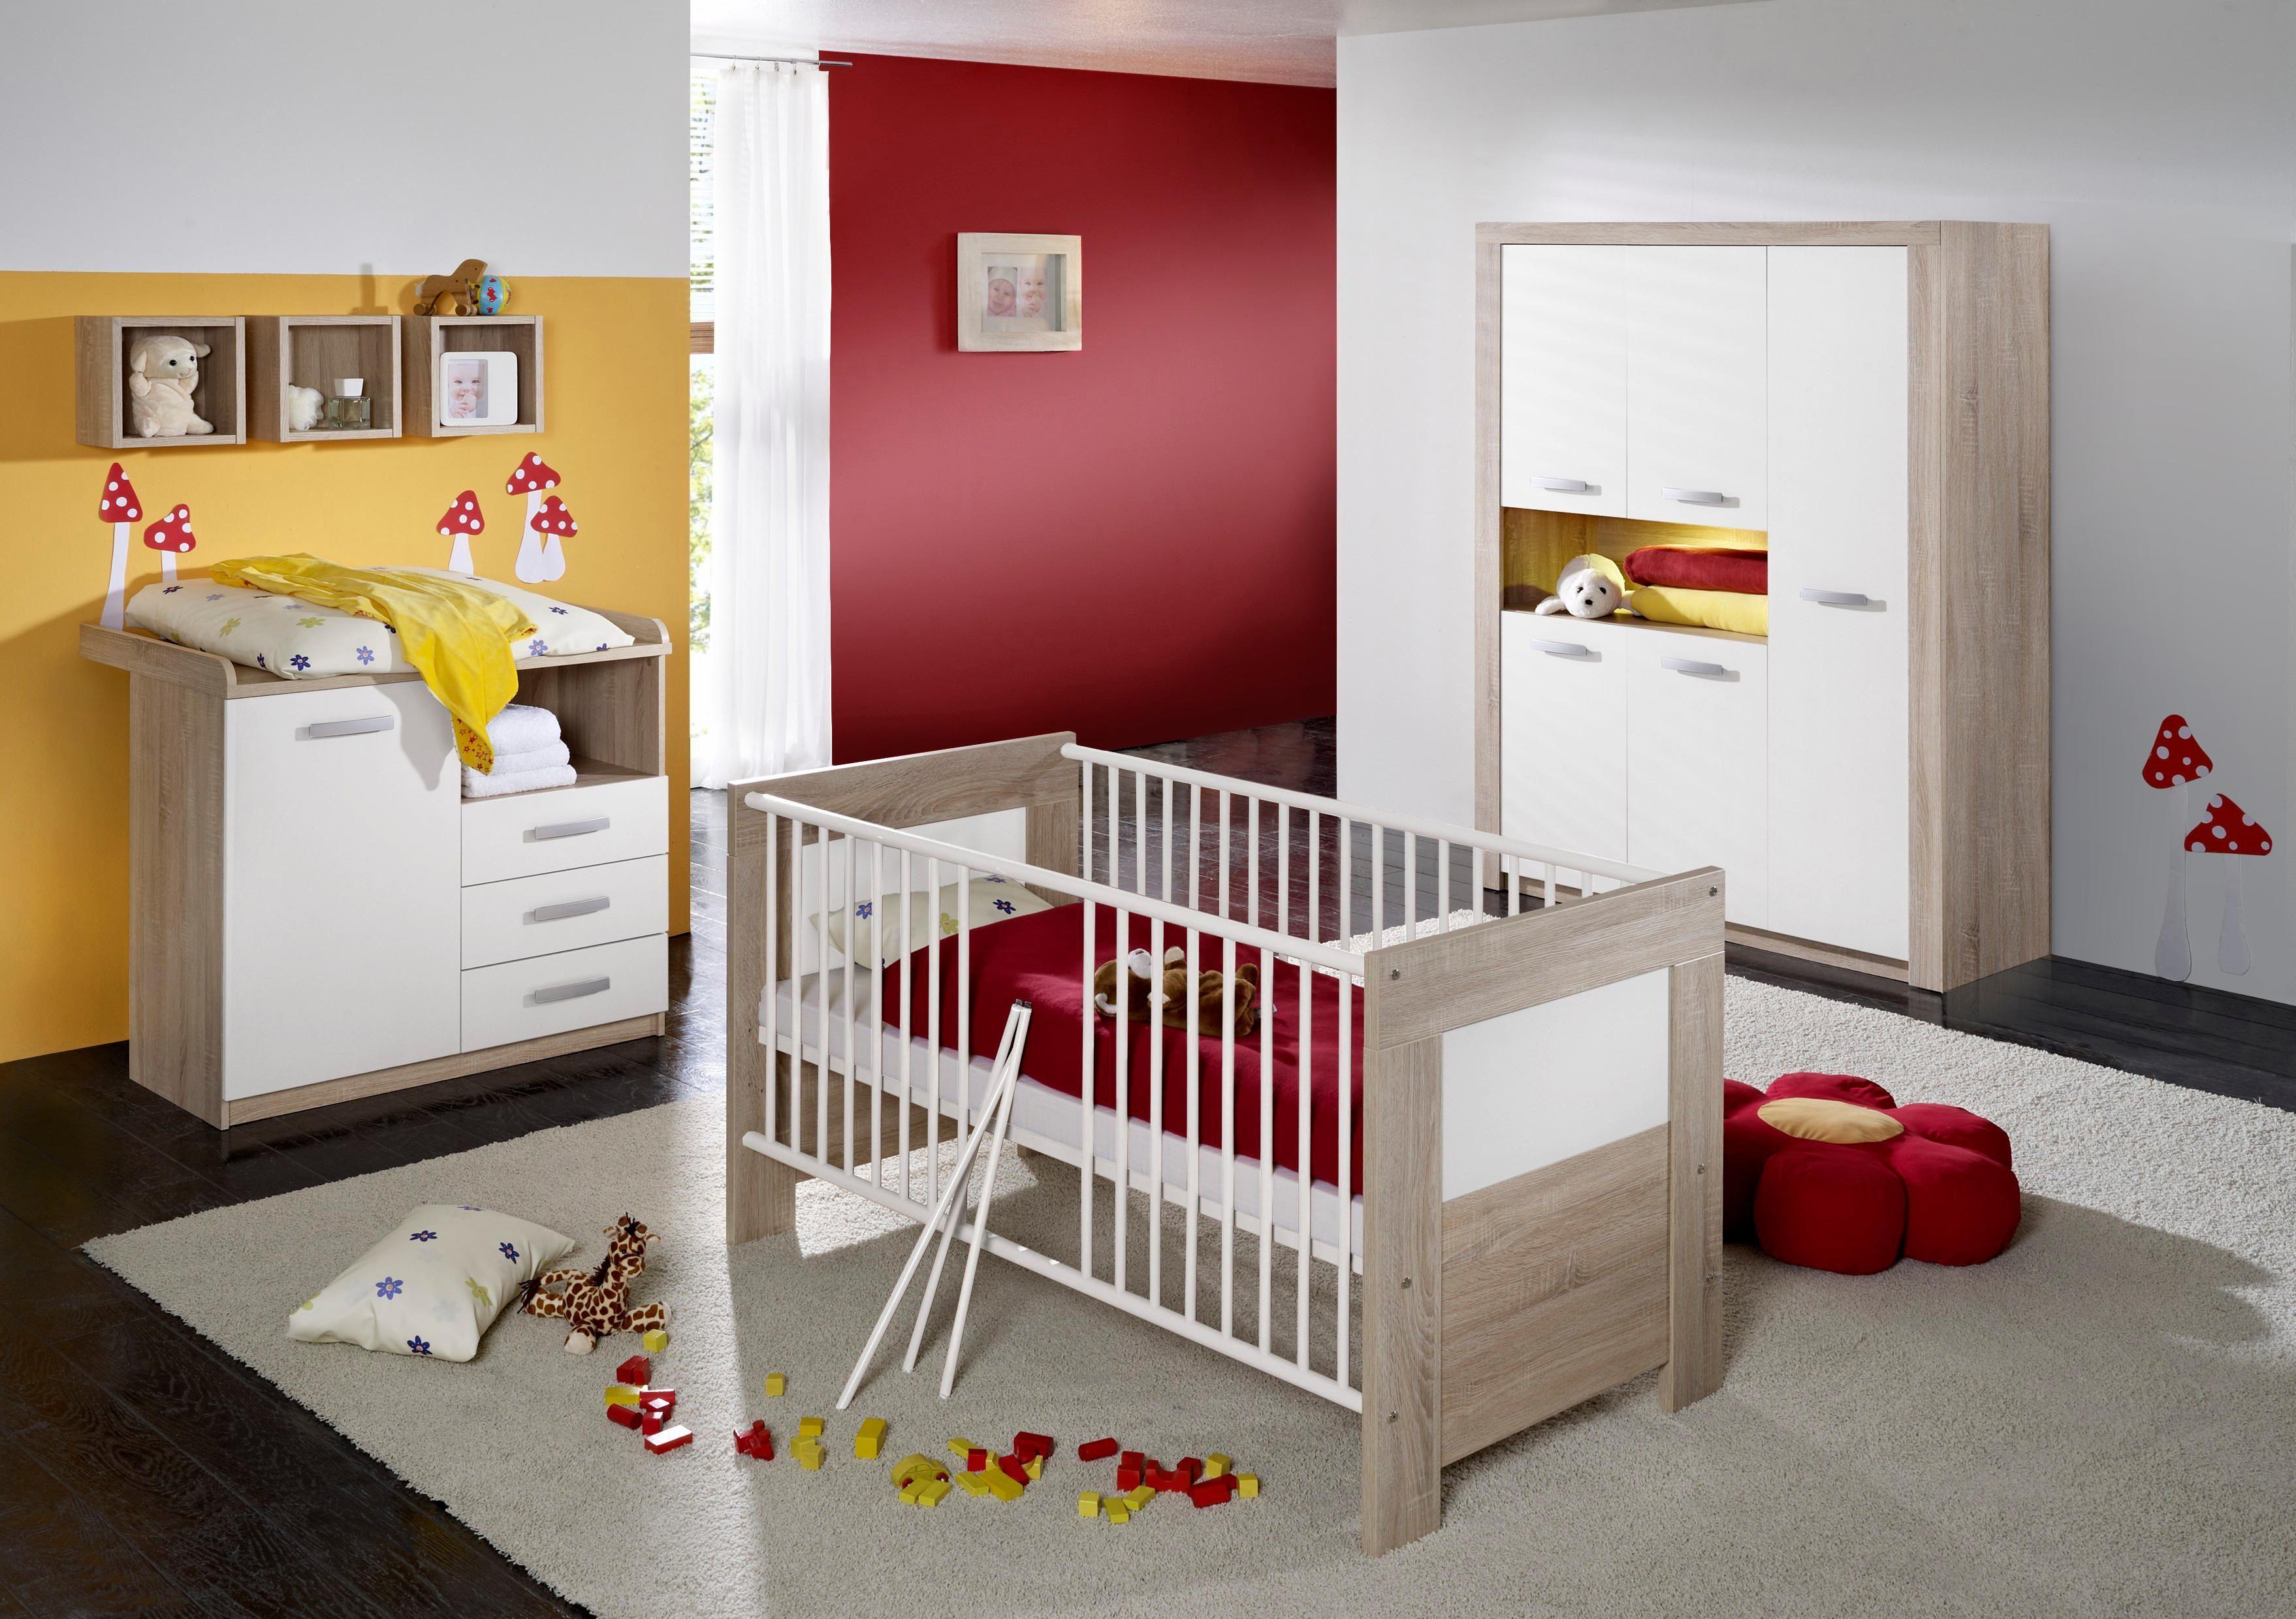 Komplett Babyzimmer »Moritz«: Babybett+Wickelkommode+ Kleiderschrank,(3-tlg.) eiche NB/weiß